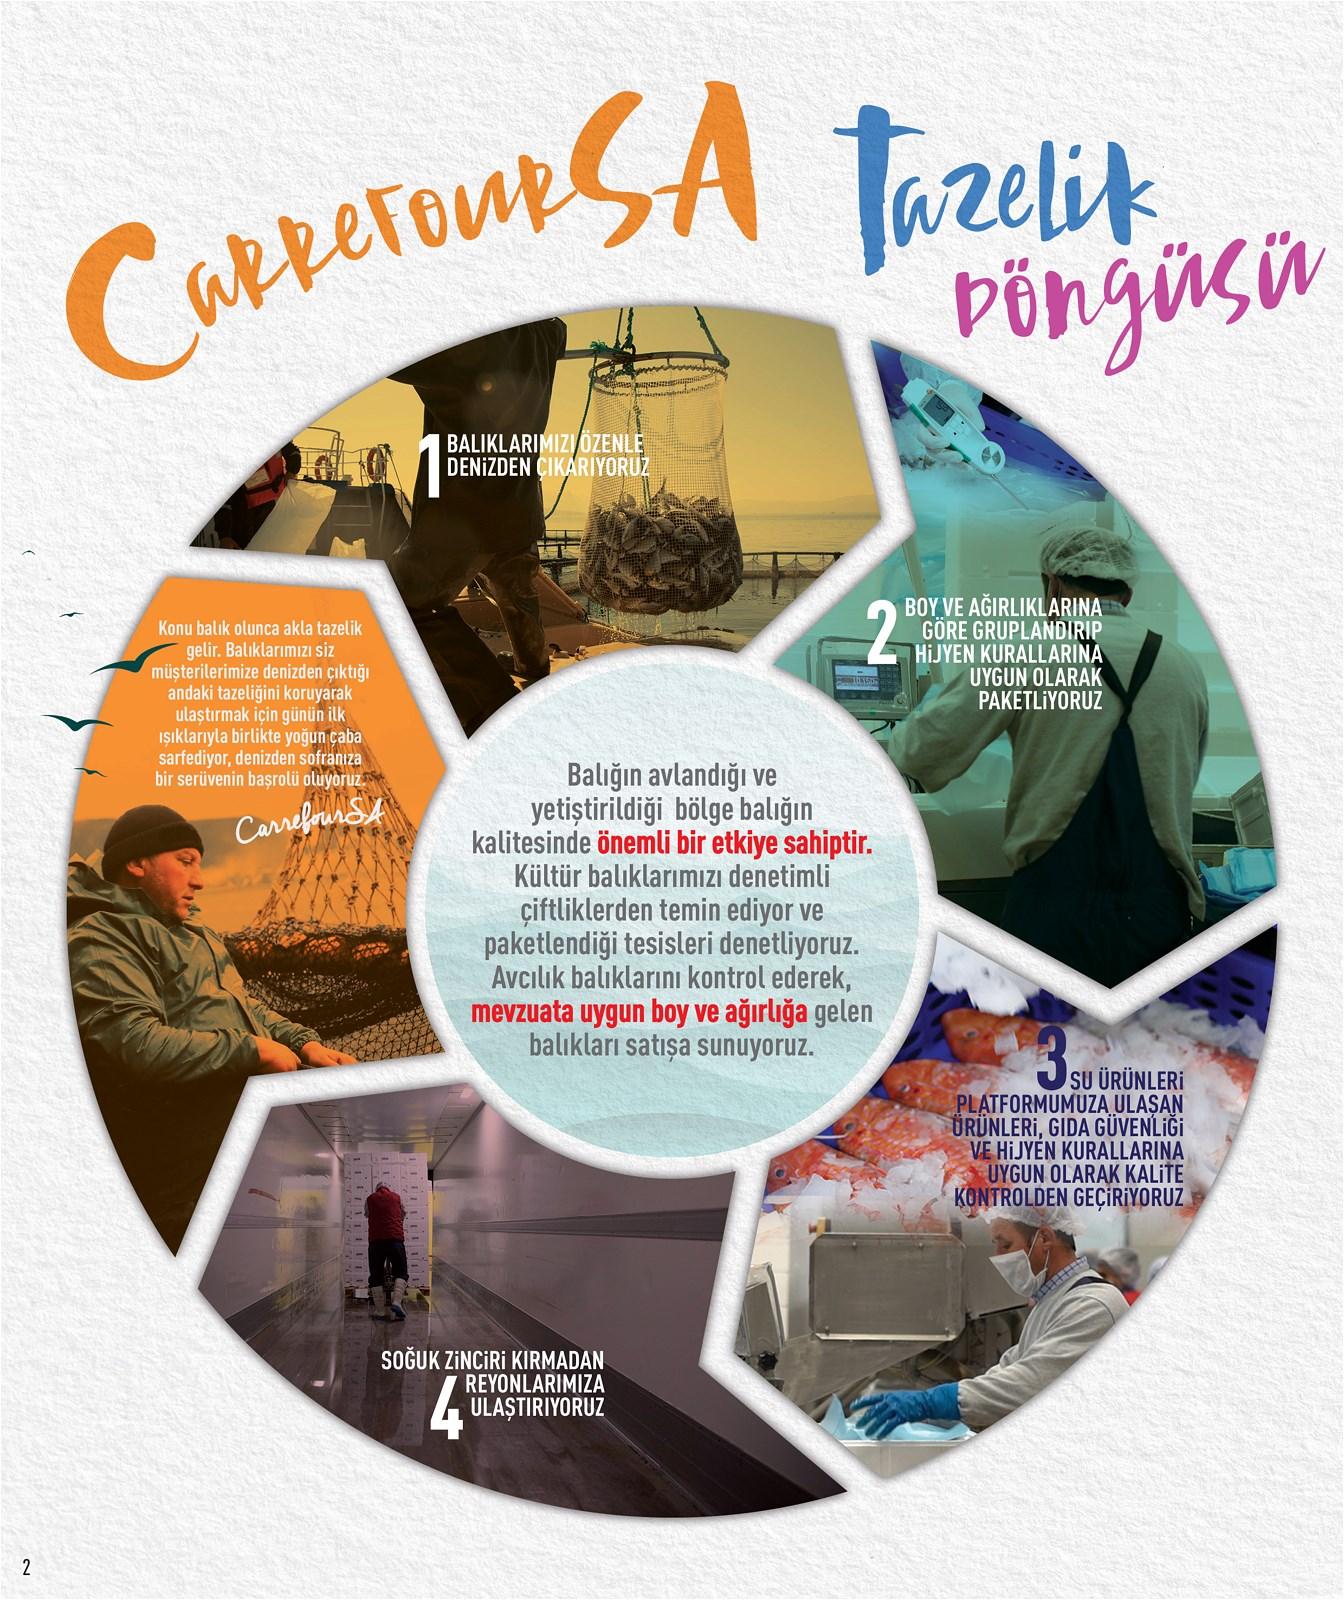 07.10.2021 CarrefourSA broşürü 2. sayfa